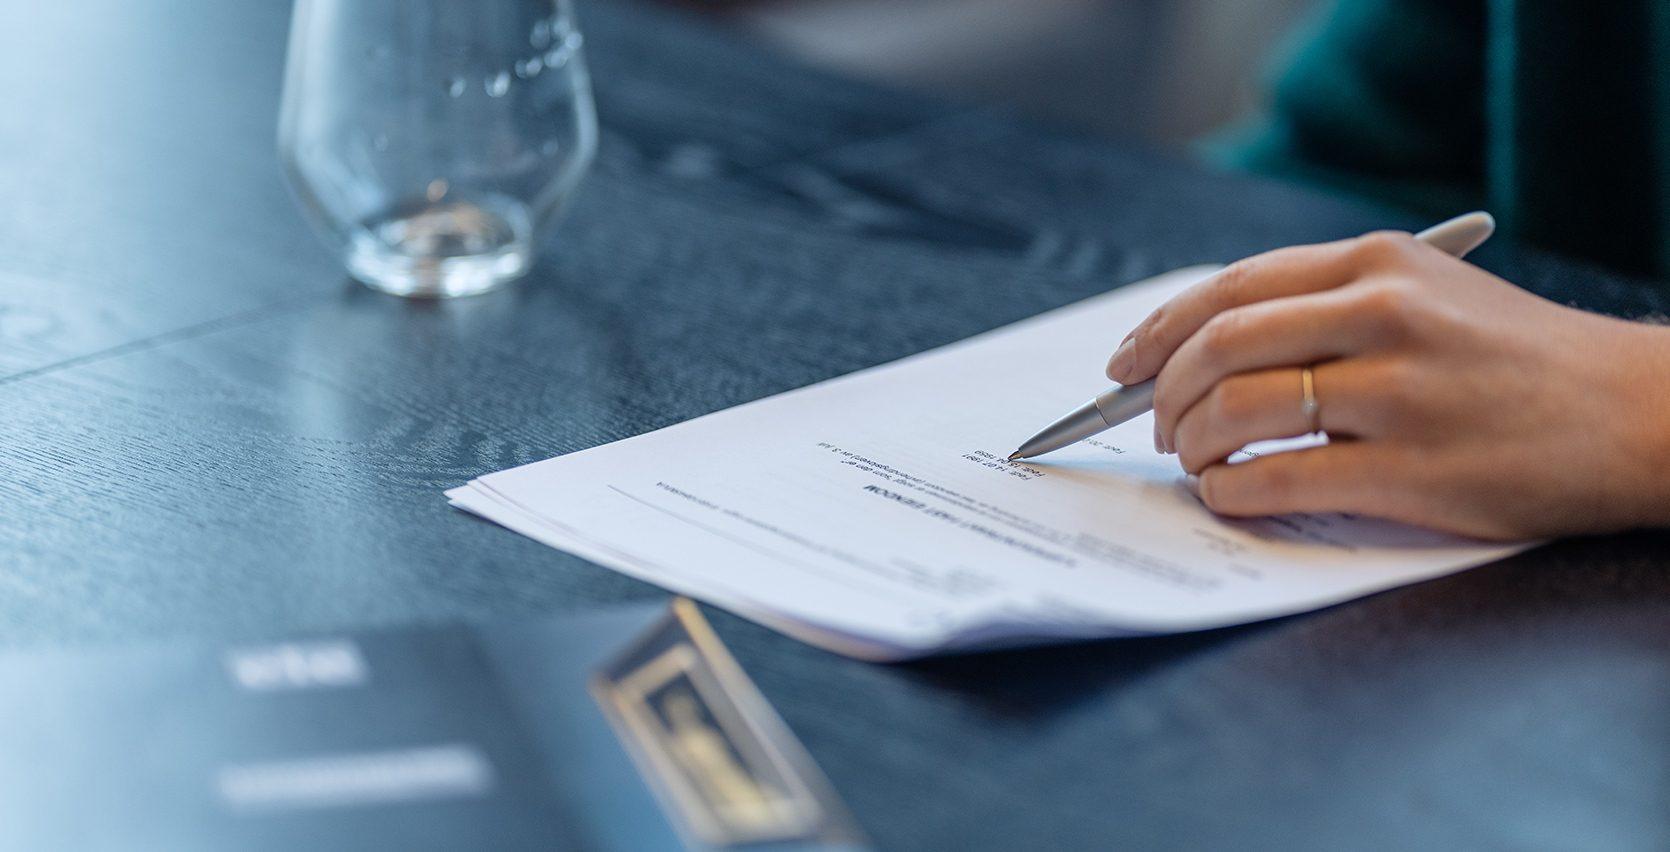 En kvinne som leser og skriver under på en kontrakt